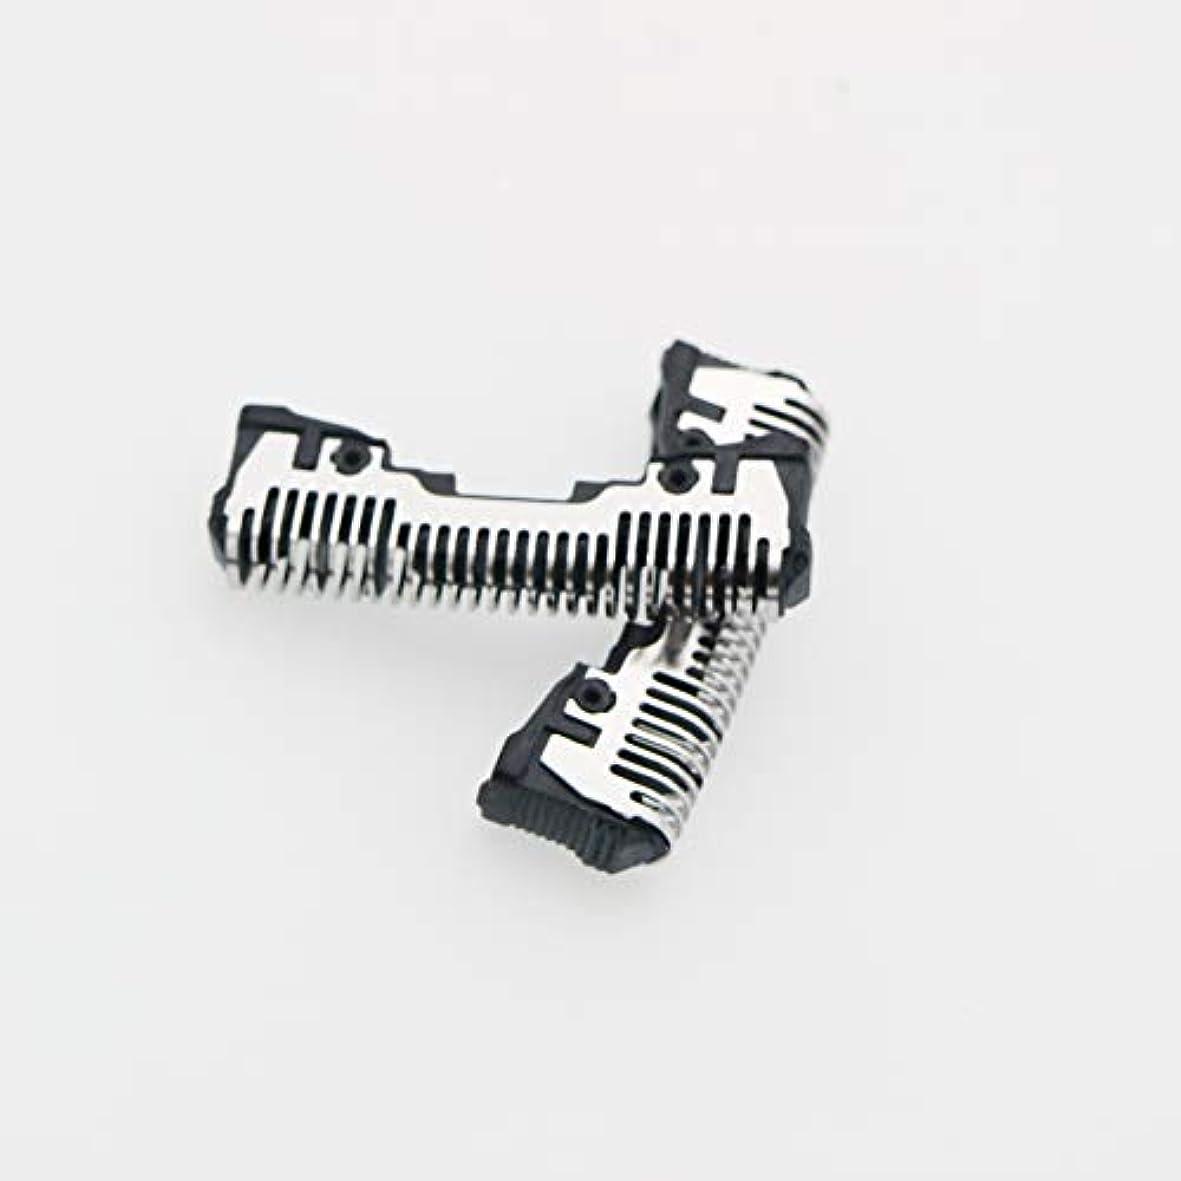 ゲージ白菜深くVWONST Shaver Replacement WES9068 Cutter/Blades for ES-BSL4 ES-ST21 ES-ST23 ES-ST25 ES-ST27 ES-ST29 ES8101 ES8109...